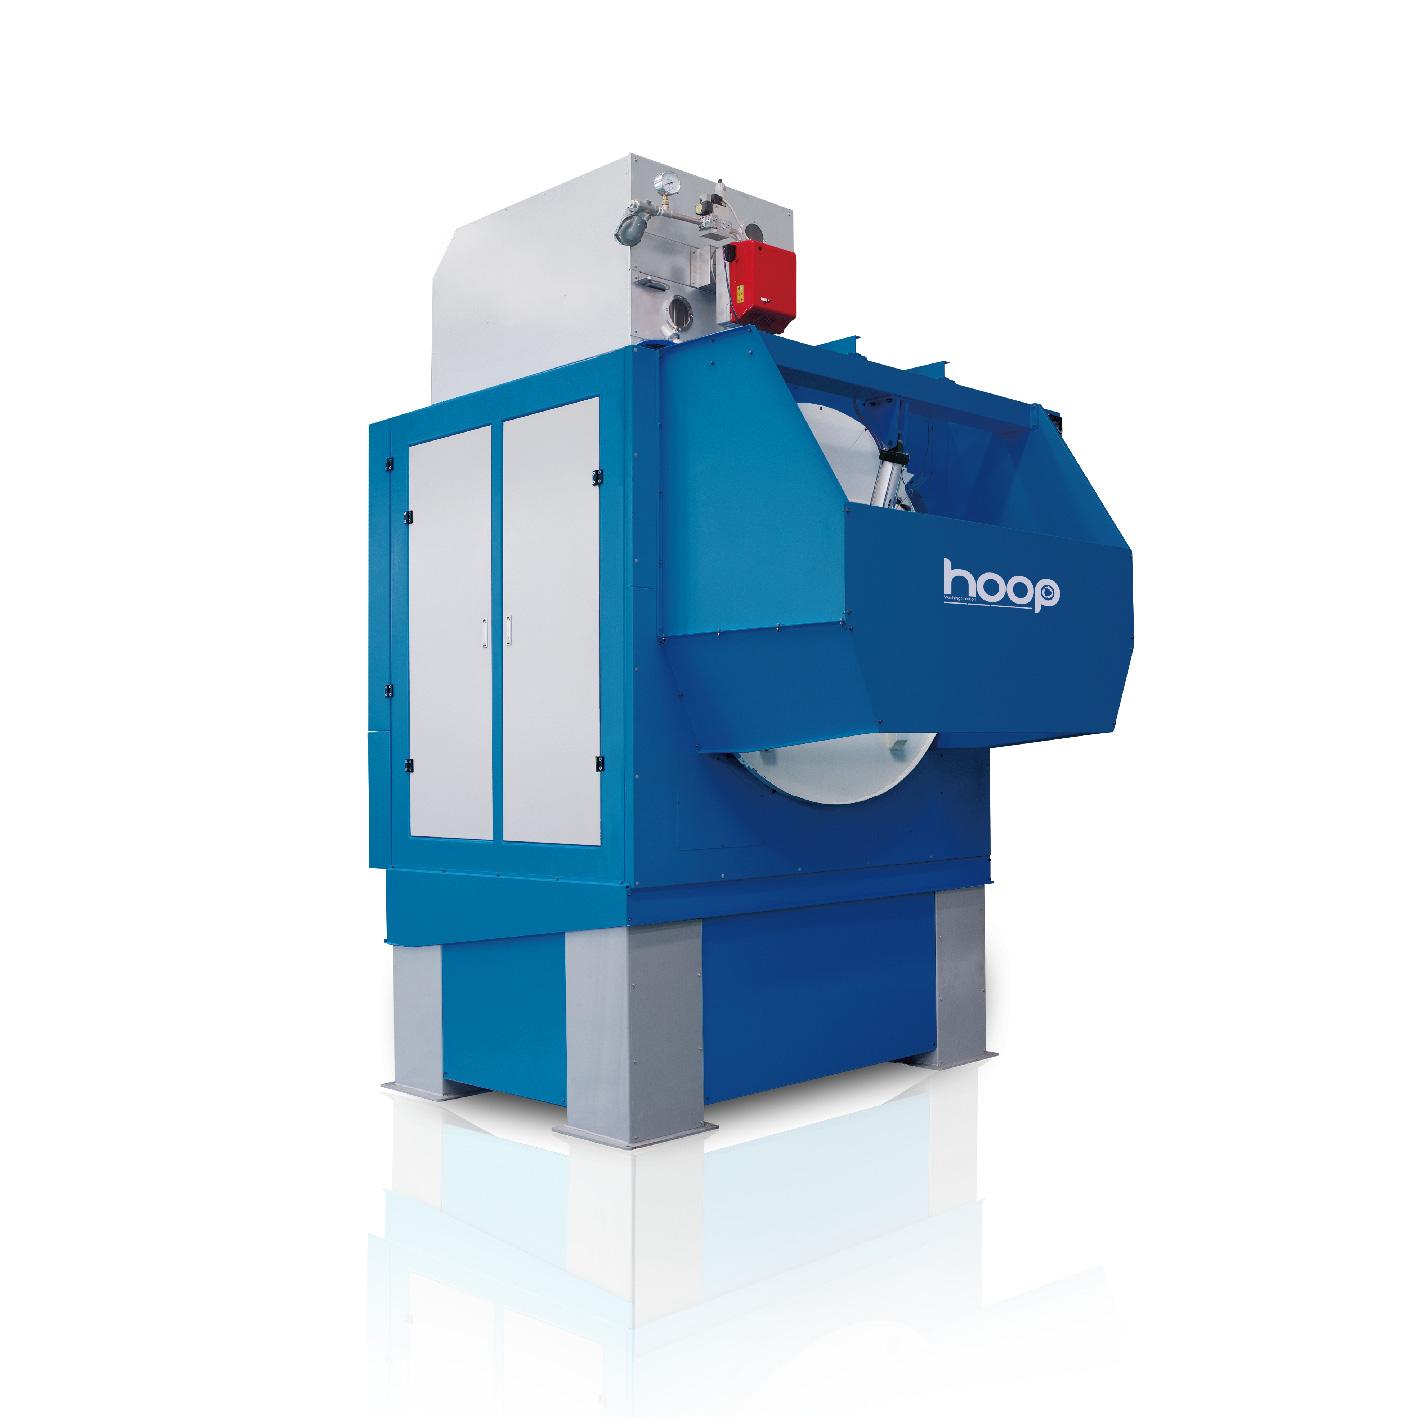 倾斜式贯通烘干机(蒸汽型和燃气型)